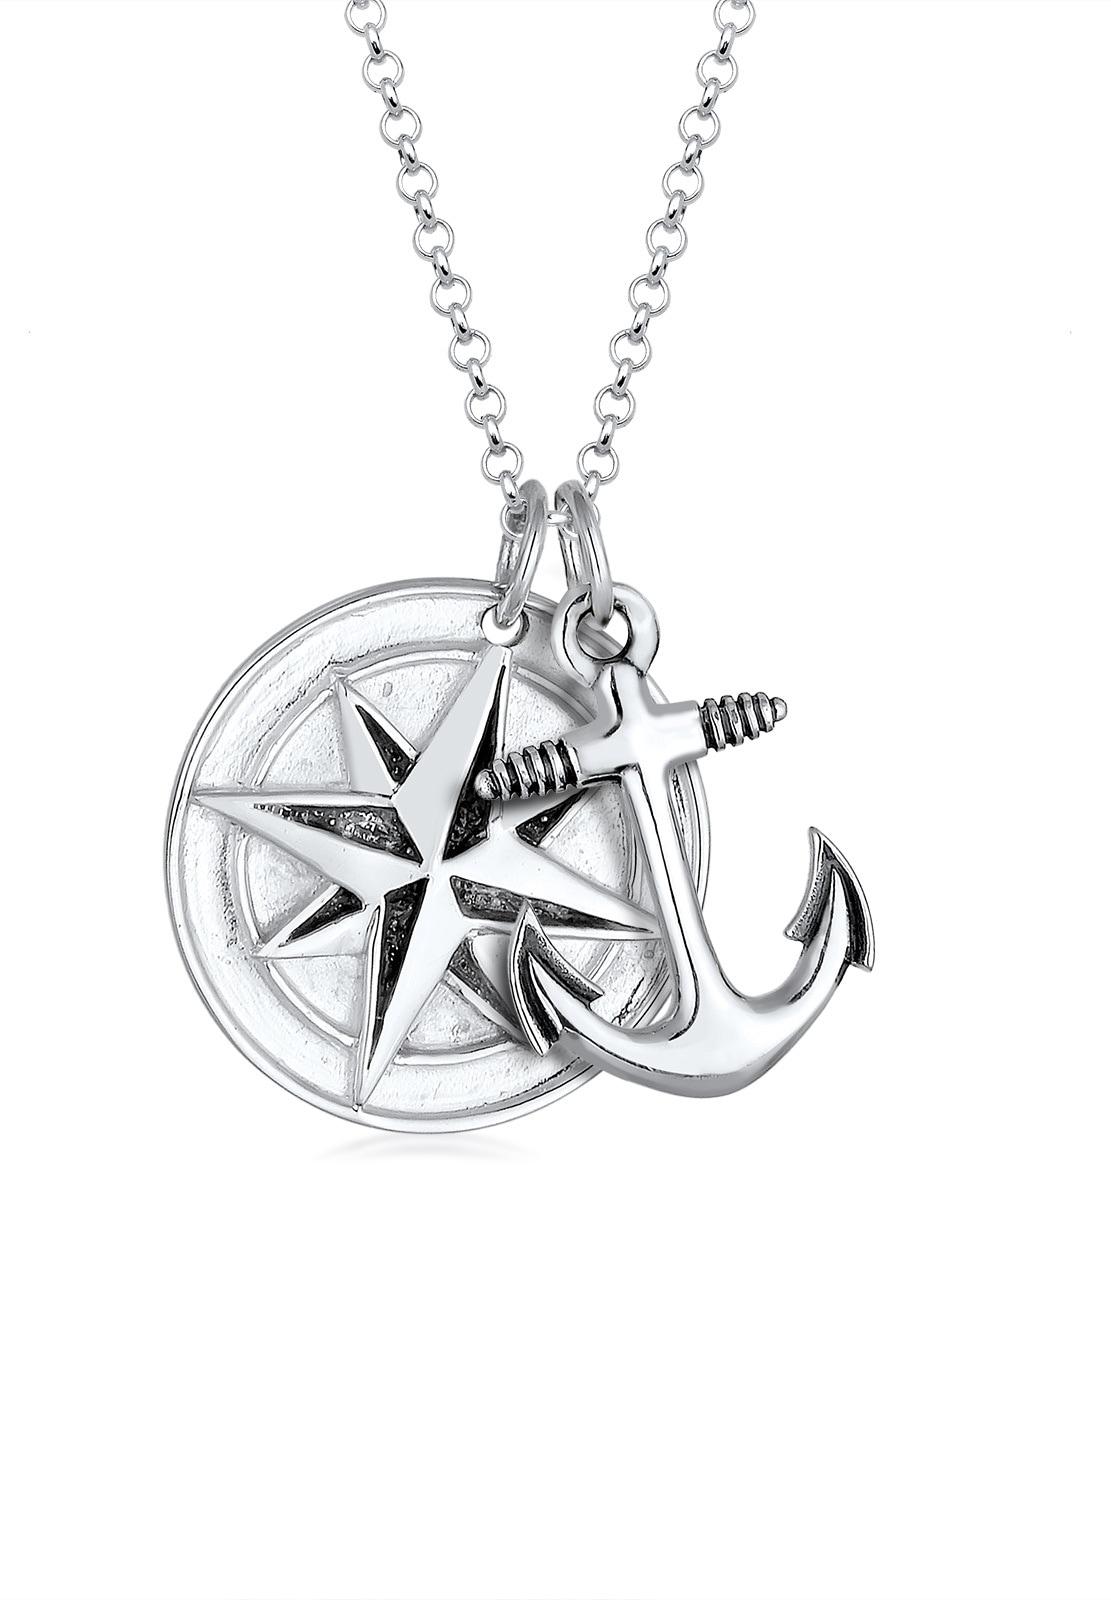 Paulo Fanello Silberkette Kompass Anker Medaillon 925 Sterling Silber | Schmuck > Halsketten > Silberketten | Paulo Fanello